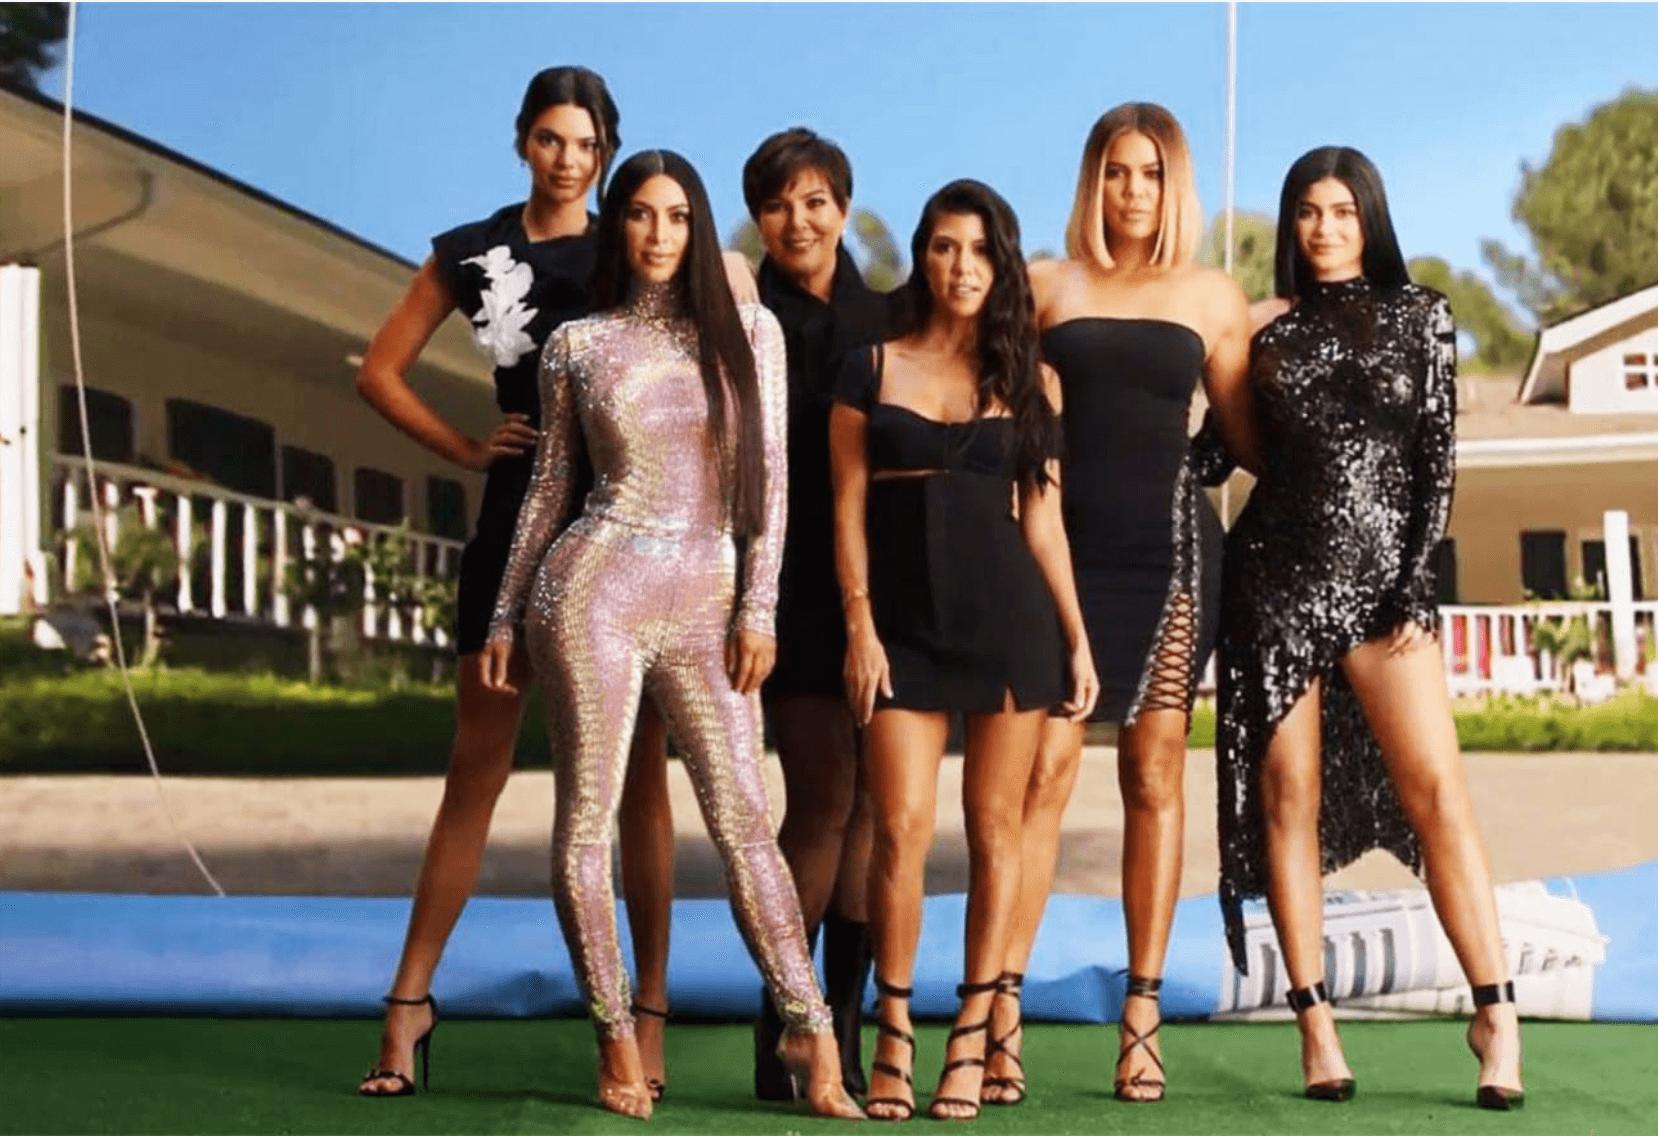 Keeping Up With The Kardashians kończy bieg po20 sezonach, zamykając pewną telewizyjną epokę